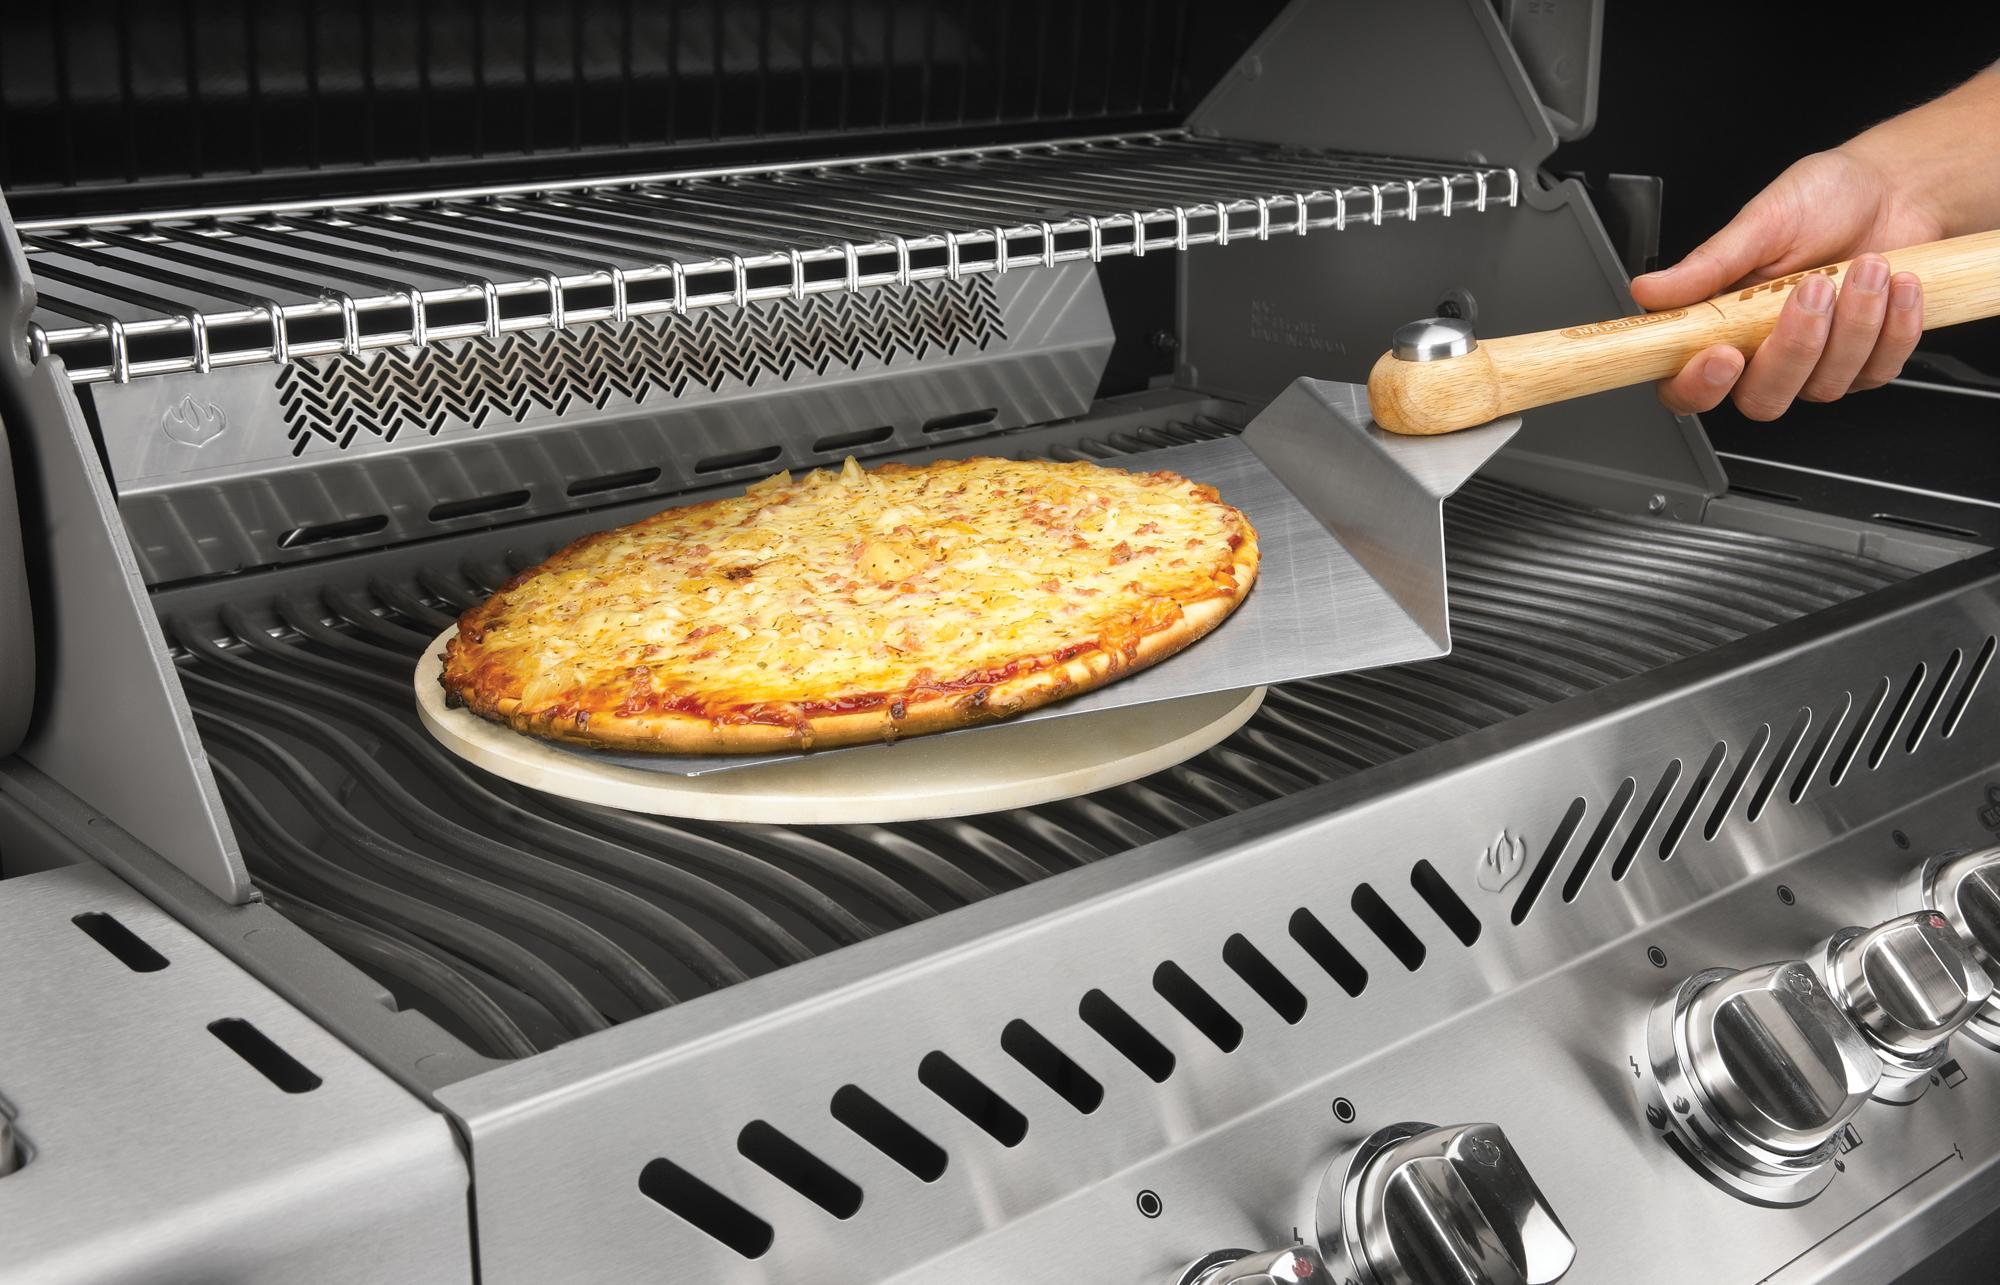 Pizzastein Für Gasgrill Landmann : Pizzastein und pizza zubehör für den grill